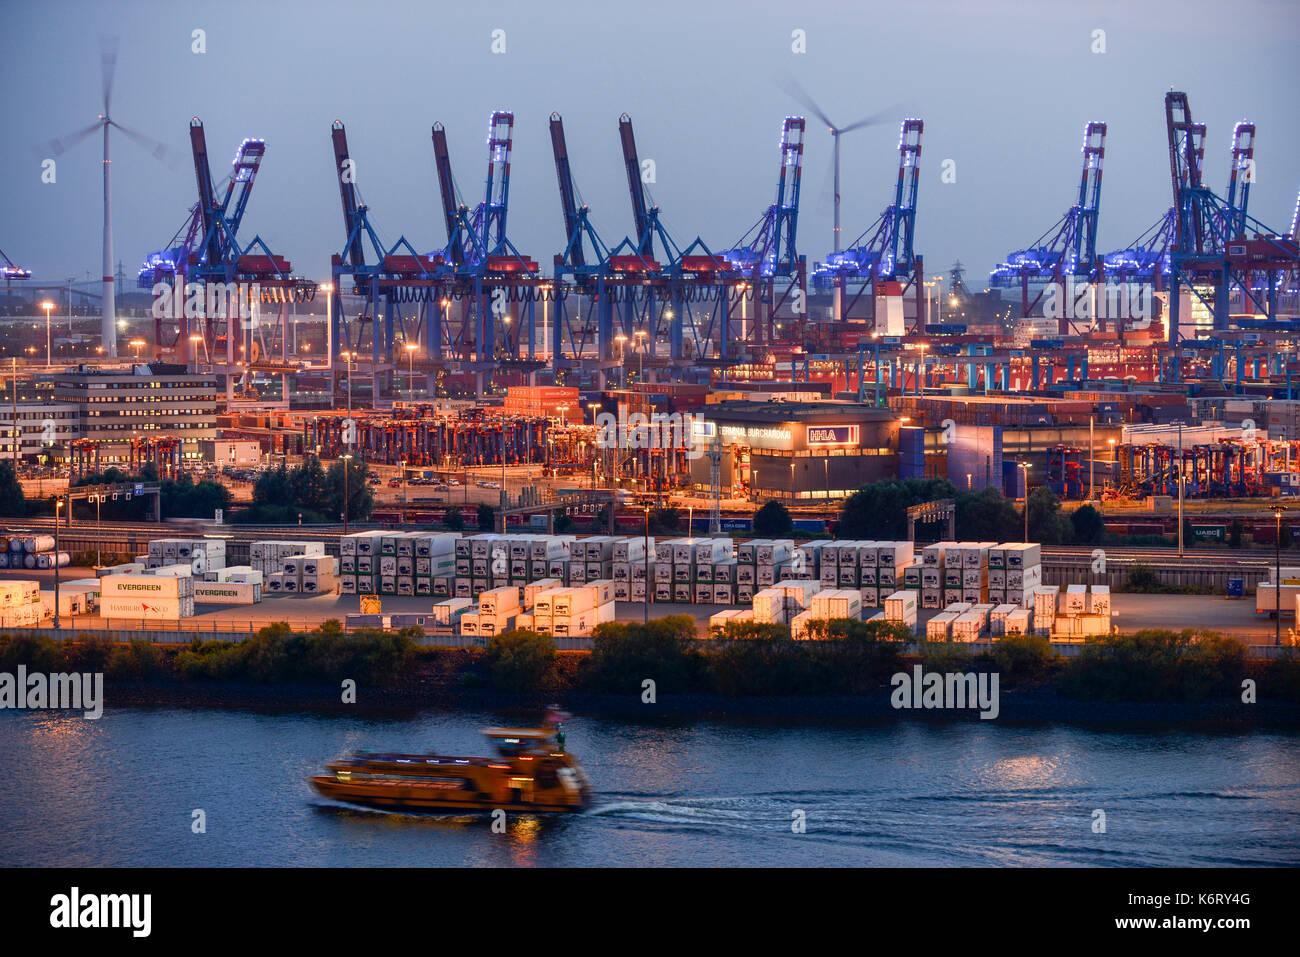 GERMANY Hamburg, light installation  blue port, HHLA container terminal and Nordex wind turbine in harbour / DEUTSCHLAND Hamburg, blue port Lichtinstallation im Hamburger Hafen von Michael Batz, Suederelbe, HHLA und Eurogate Containerterminal mit Nordex Windkraftanlagen - Stock Image